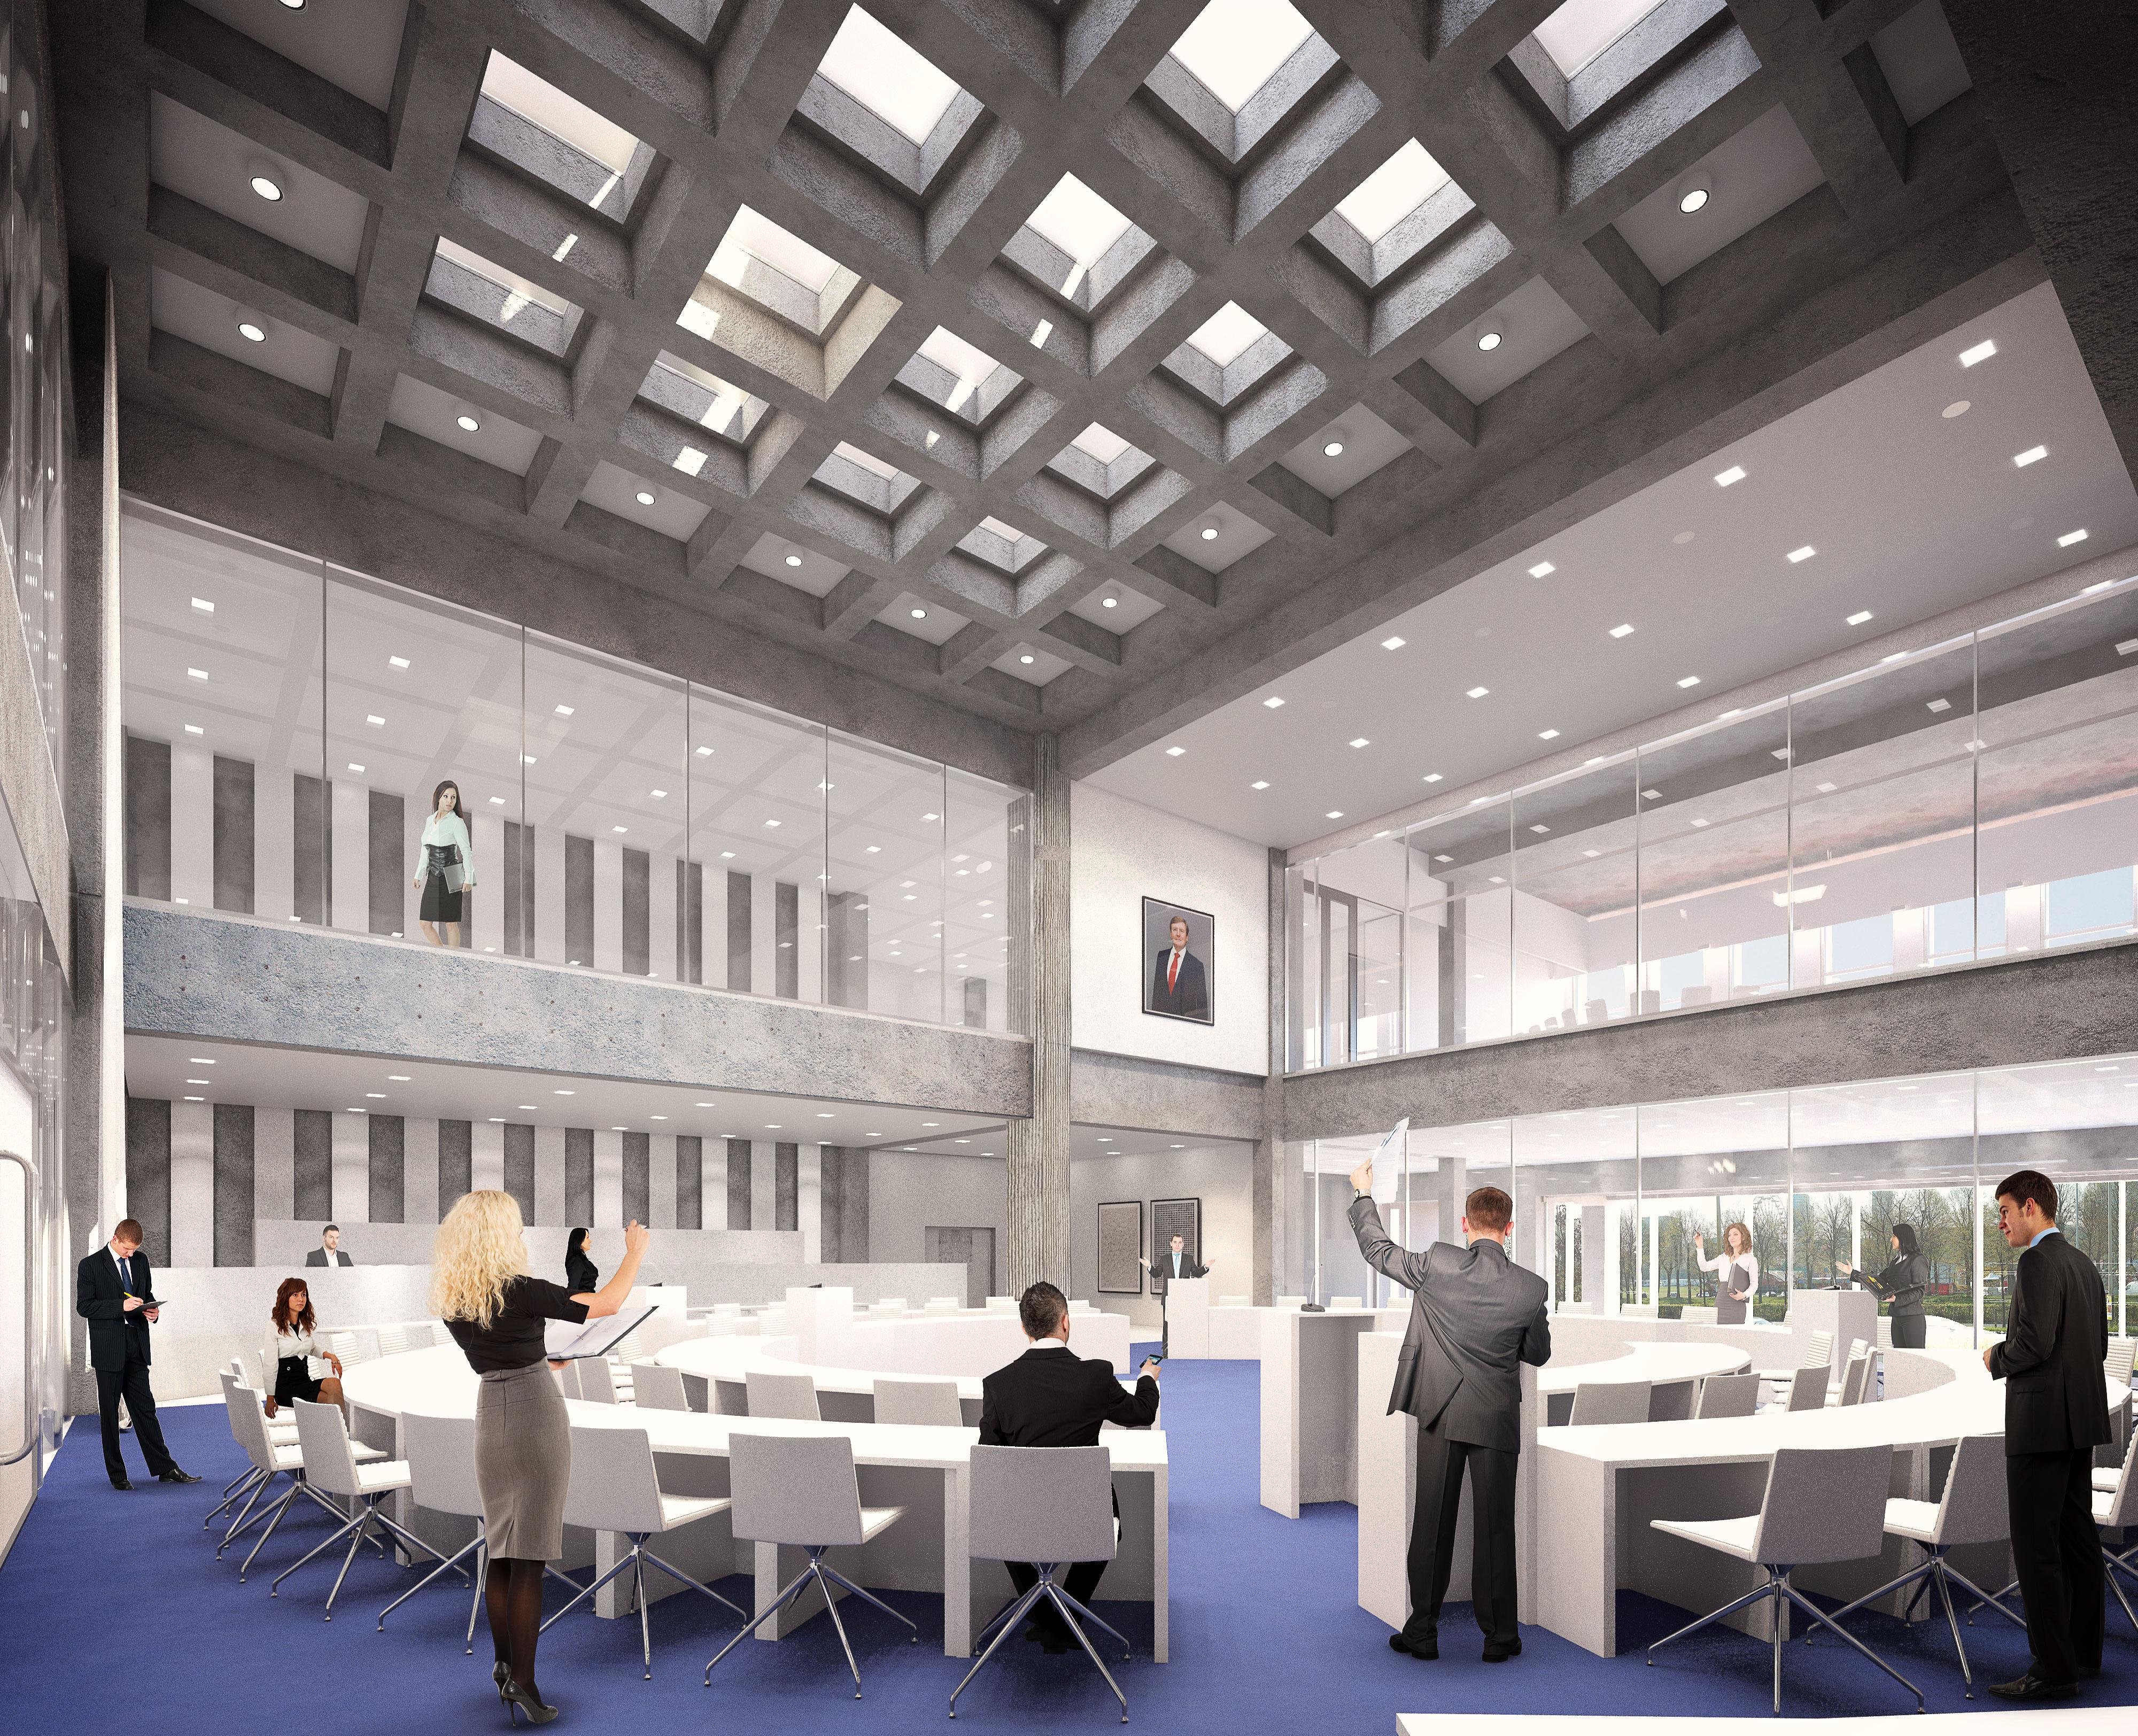 <p>De Statenzaal komt op de plek van de huidige evenementenhal. Een deel van de buitenmuur wordt voorzien van glas, waardoor er in de Statenzaal, vanaf de straatzijde, daglicht binnenkomt. Door de lichtdoorlatende vlakken in het dak en door de vloer van de tweede etage komt er ook van bovenaf licht naar binnen. Hierdoor is de zaal licht en open</p>